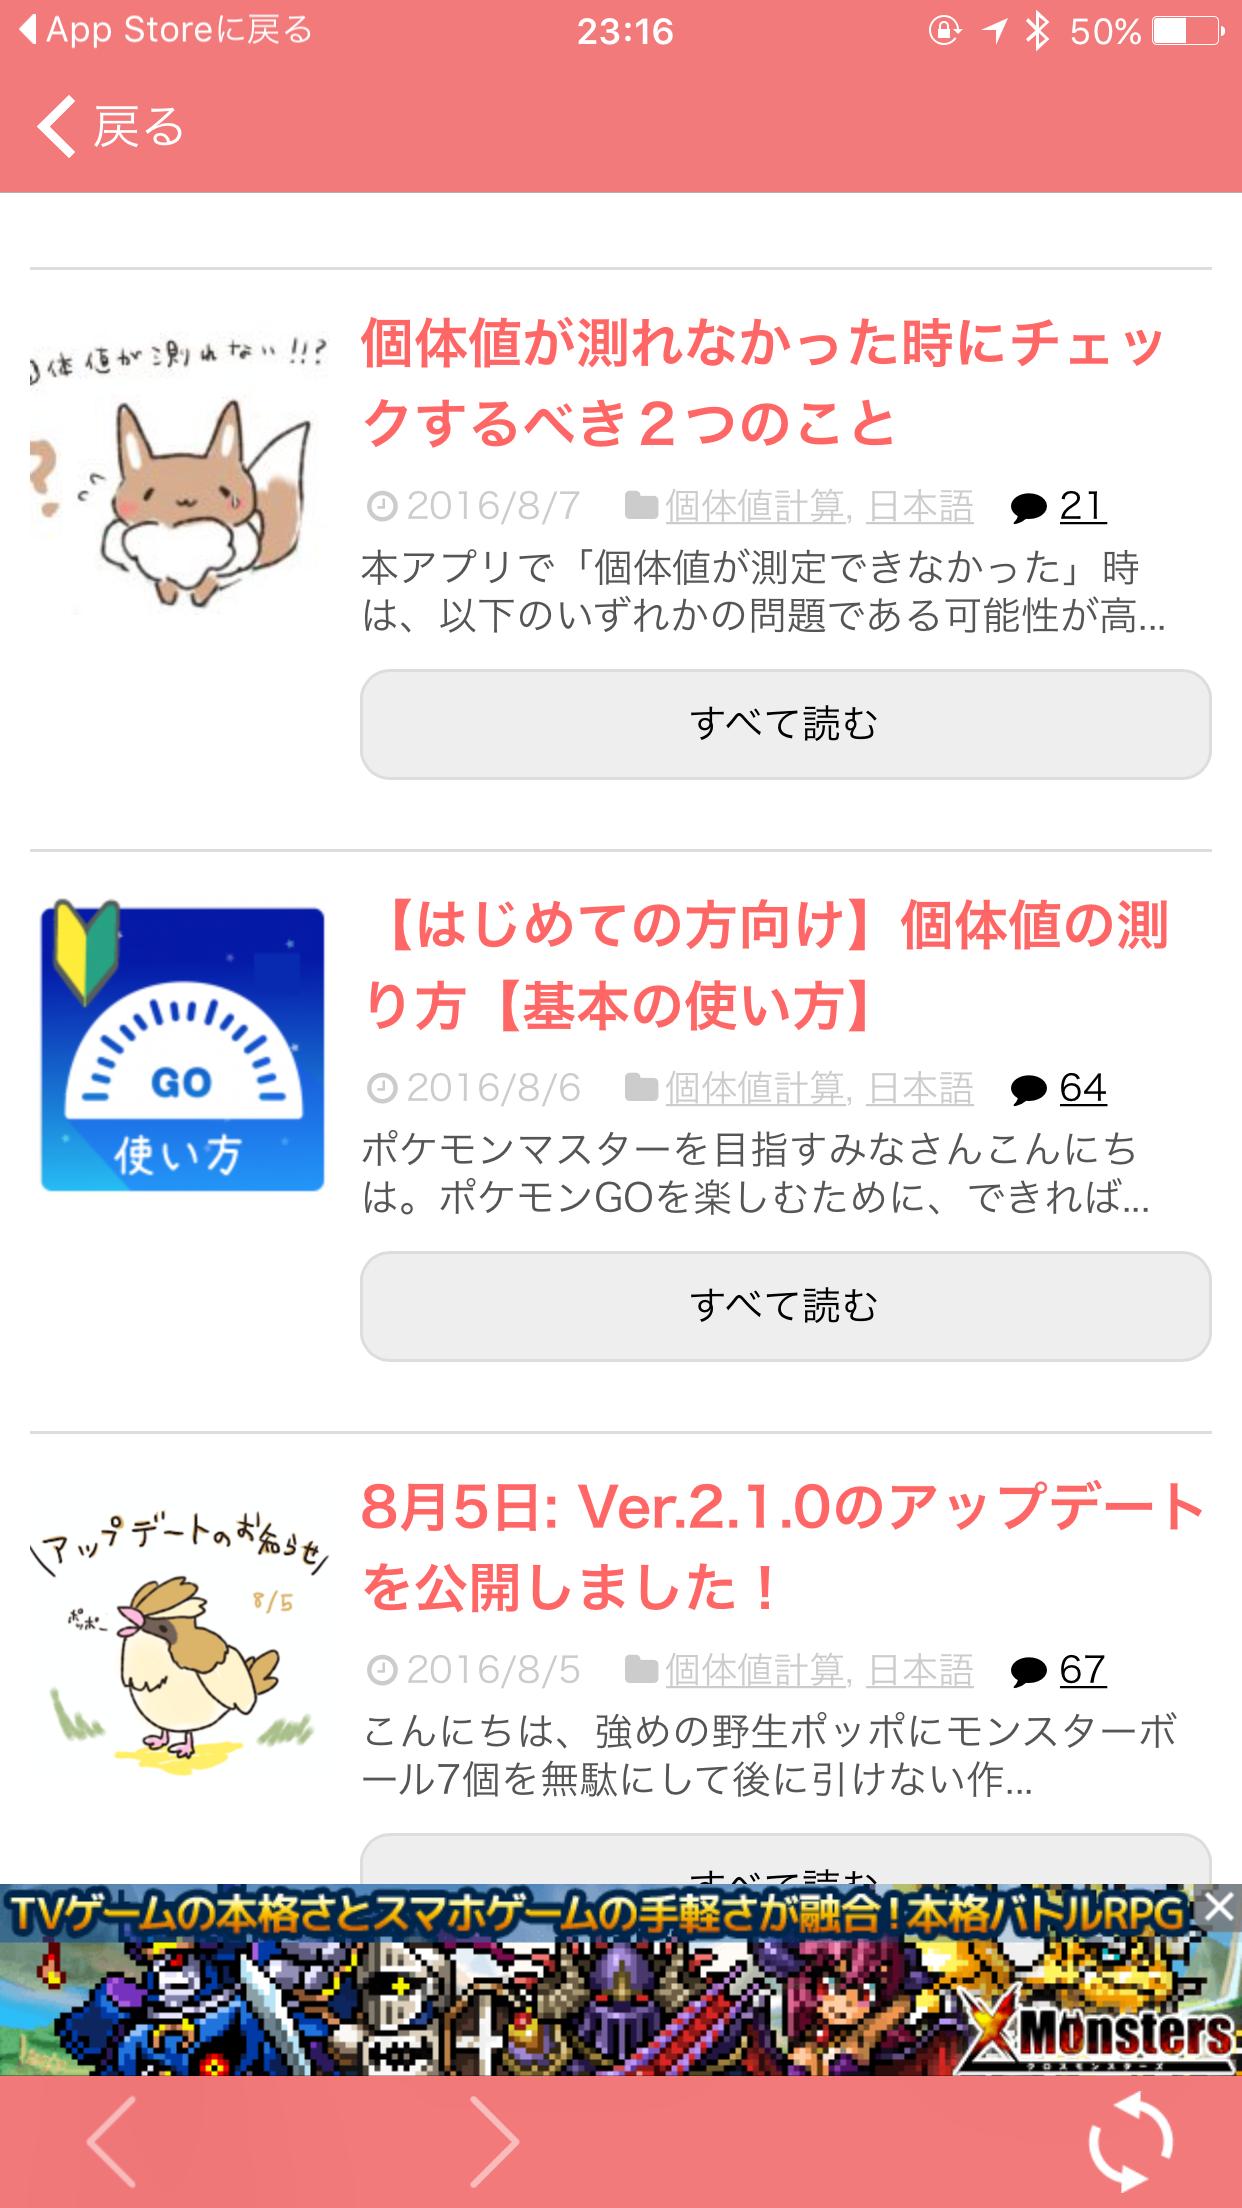 pokemon-go-saikyouno-kotaichi-keisan-app-help